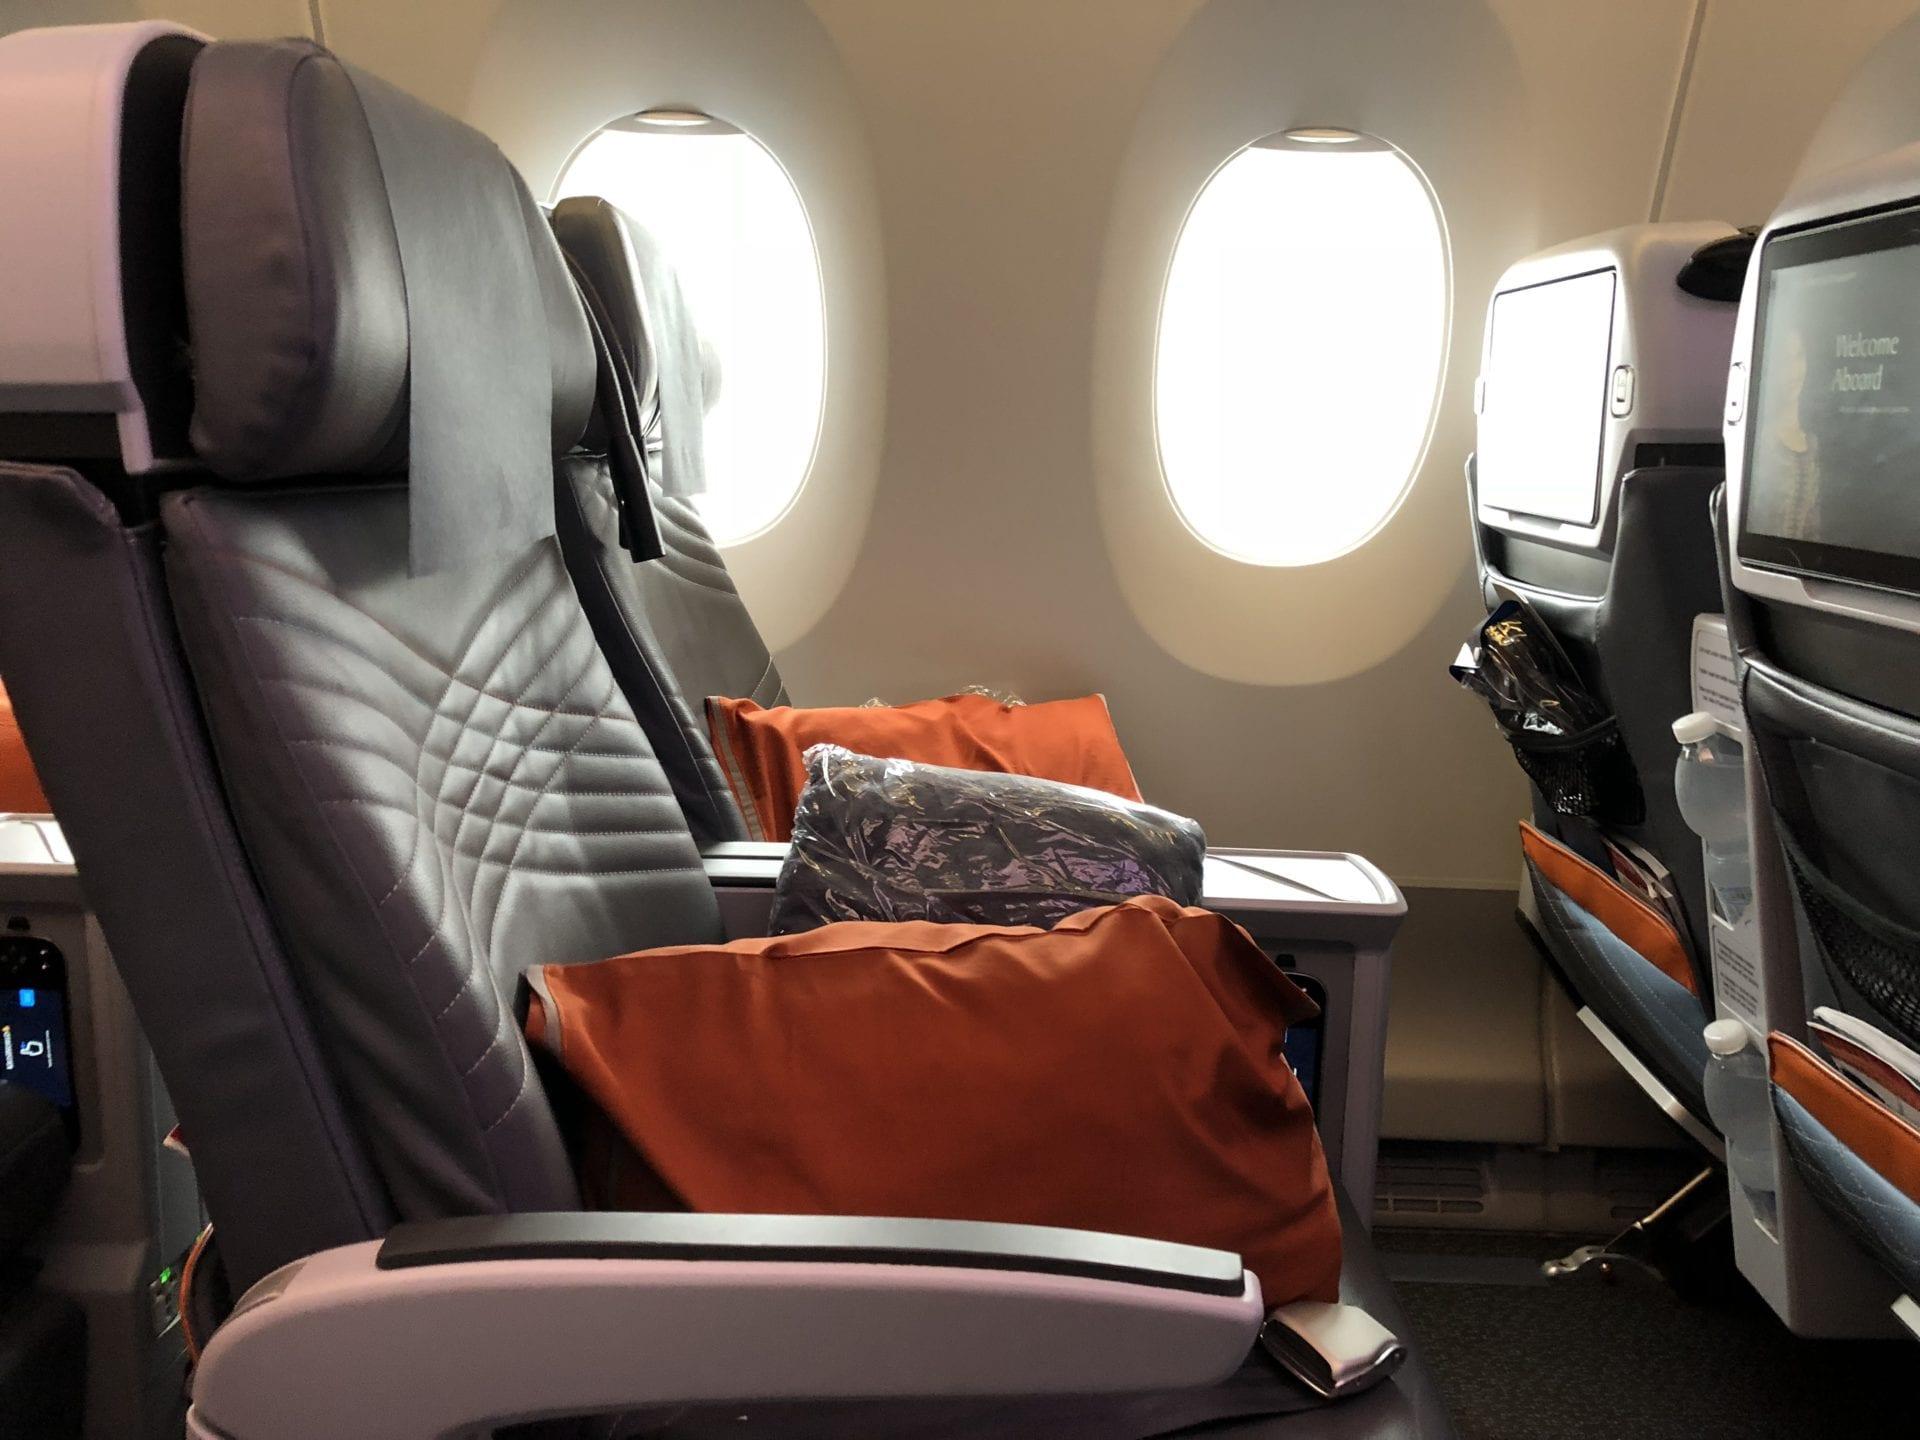 Singapore Airlines Premium Economy Class Reihe 33 2